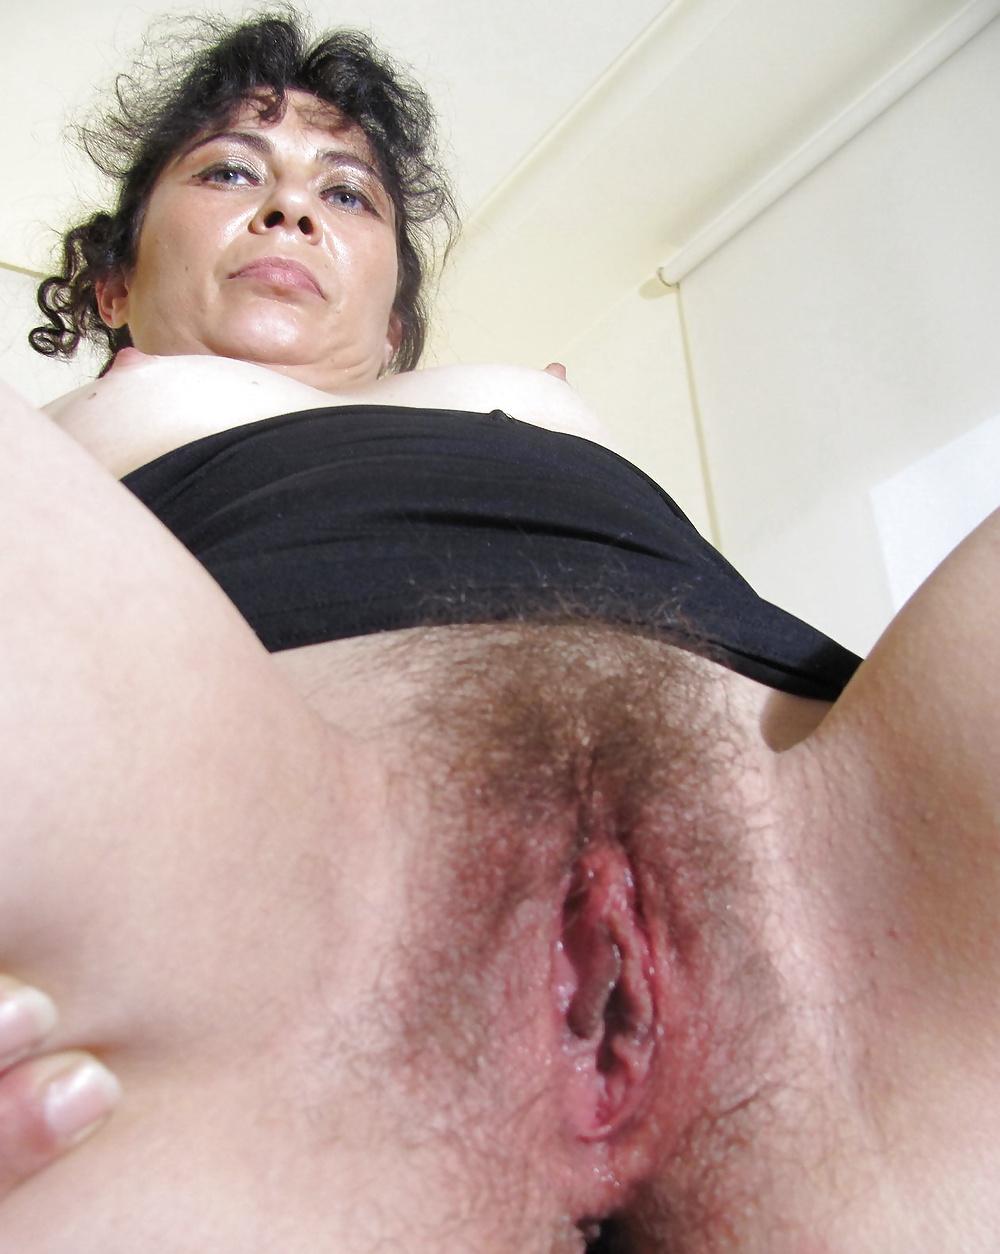 u-tsigan-est-volosatie-pizdi-porno-foto